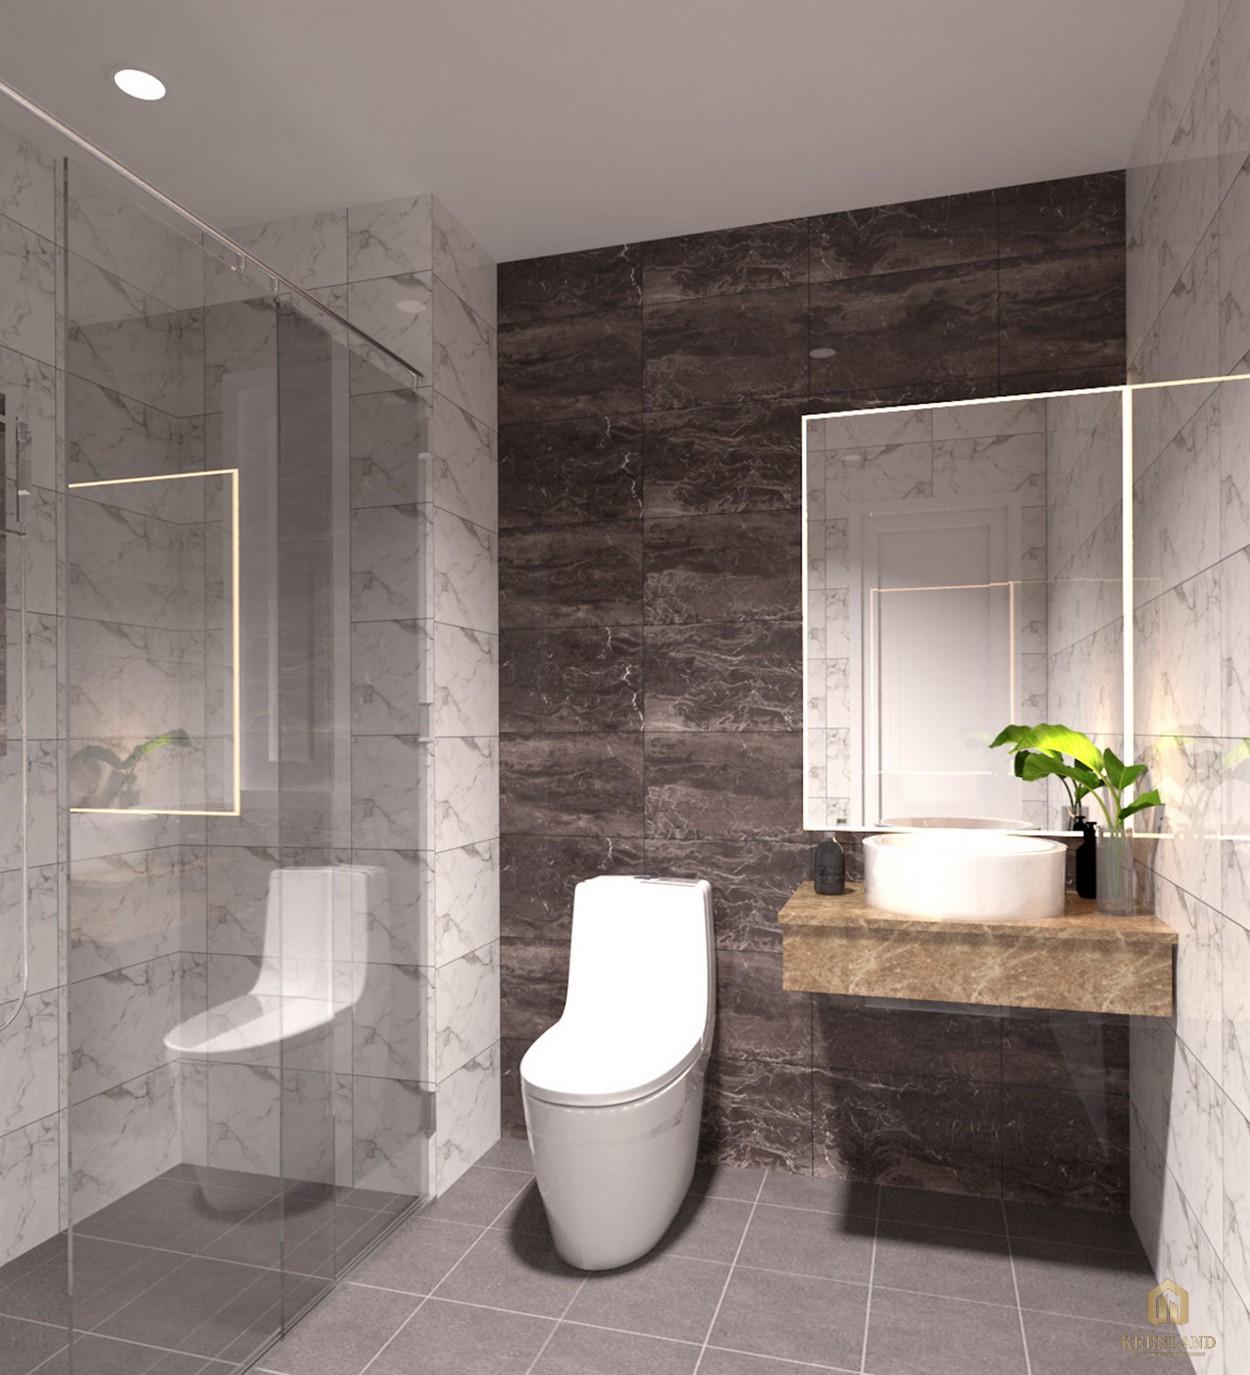 Phòng tắm nhà mẫu dự án căn hộ Golden Grand quận 2